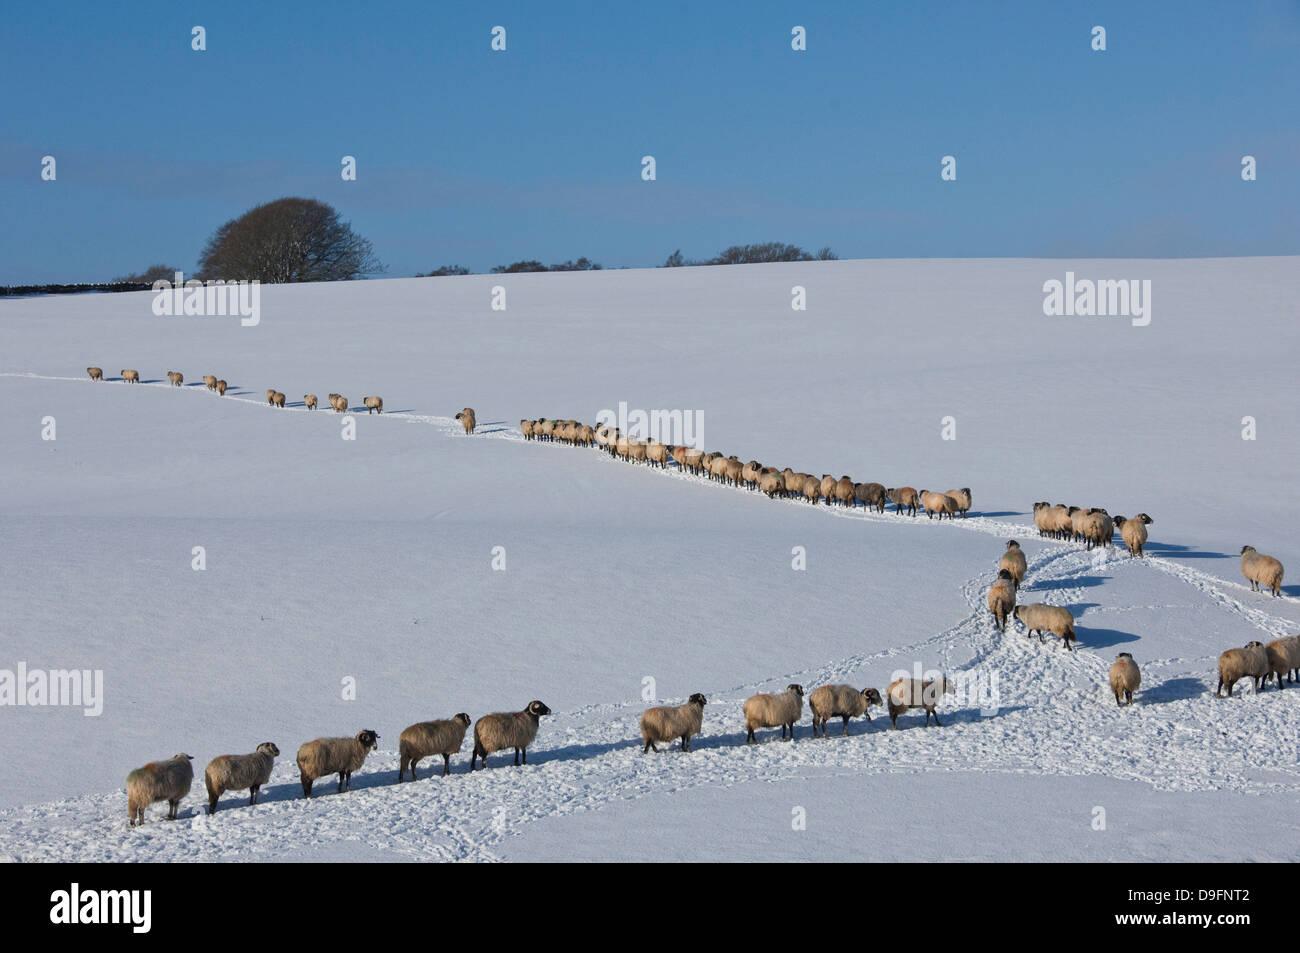 Un archivo de ovejas a través de la nieve, Los Peninos inferior, Eden Valley, Cumbria, Inglaterra, Reino Unido. Imagen De Stock